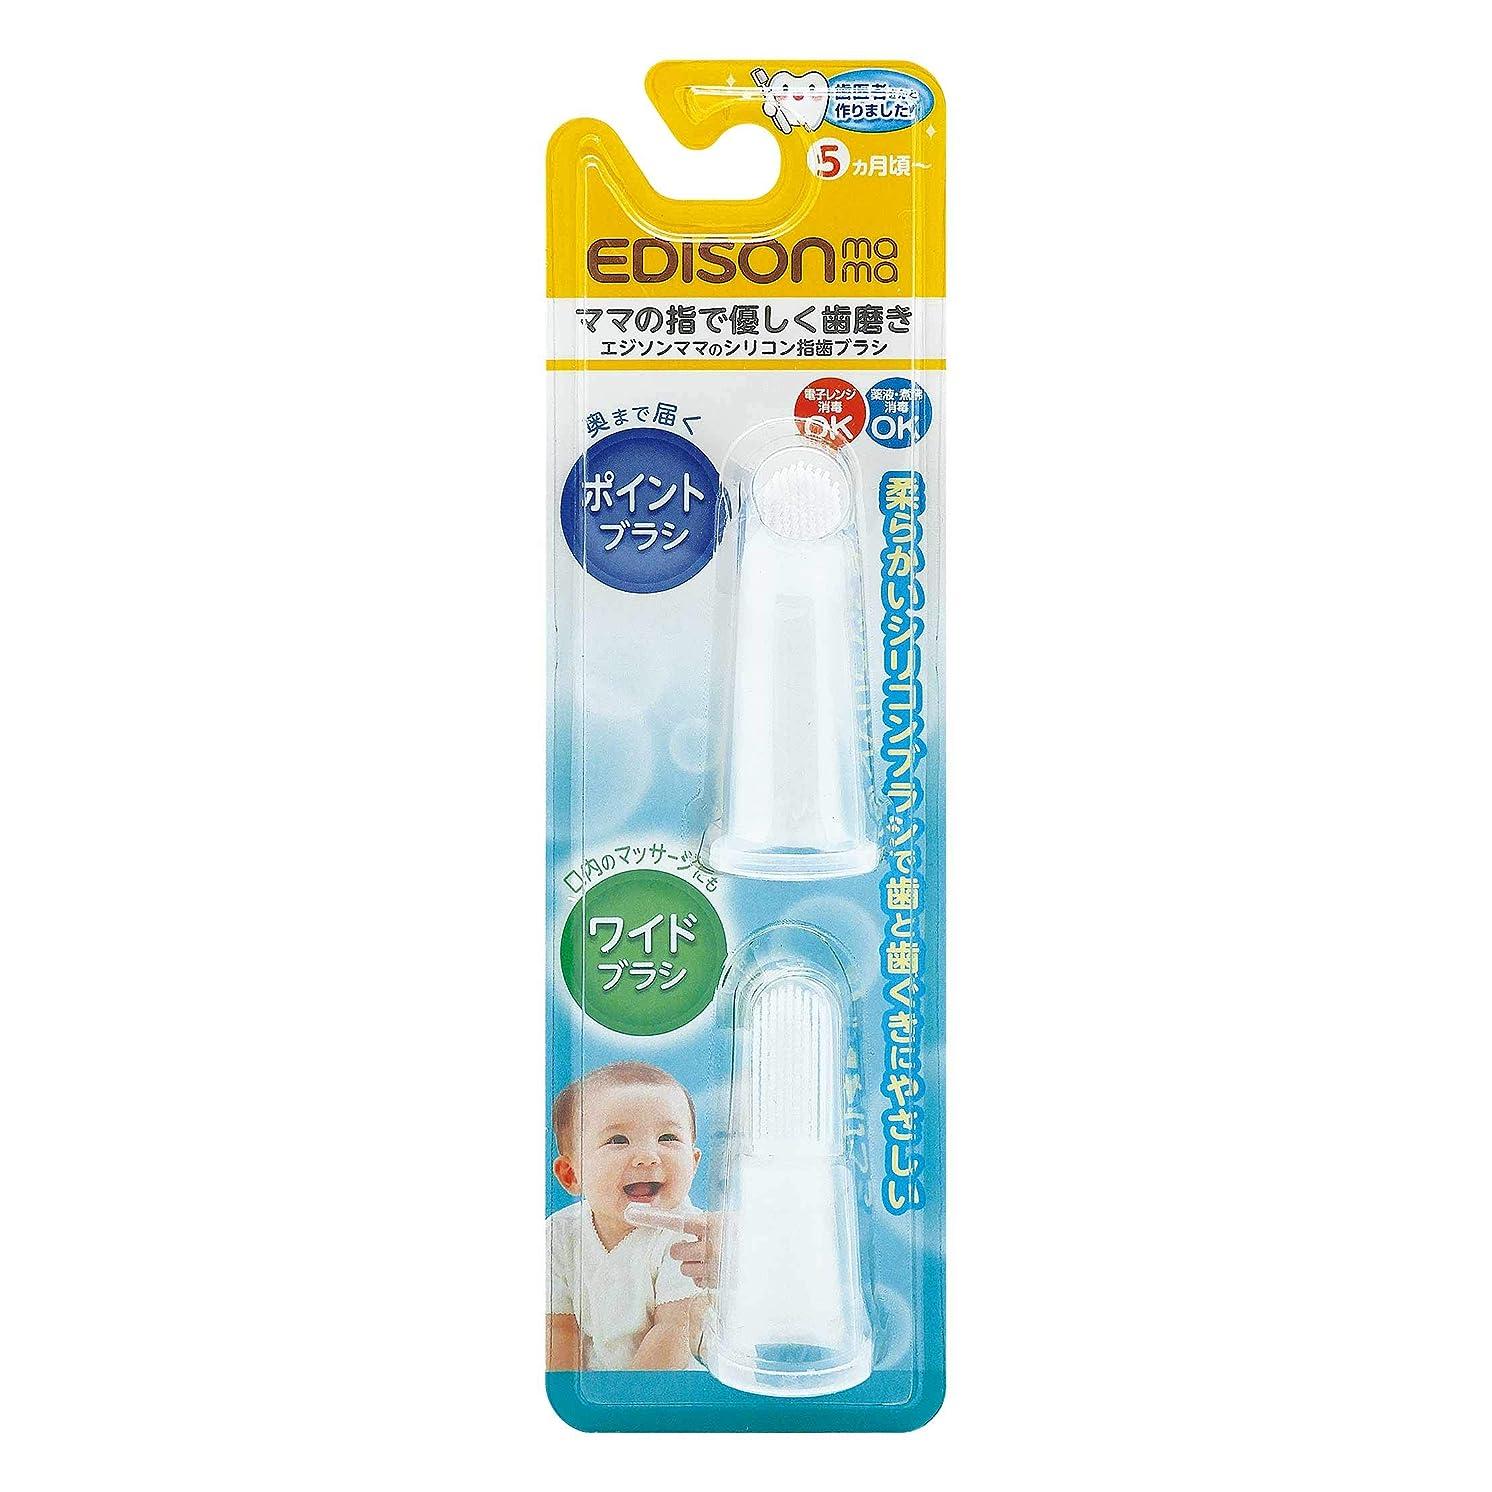 名門適合しました指導するKJC エジソンママ (EDISONmama) シリコン指歯ブラシ 5ヶ月頃から対象